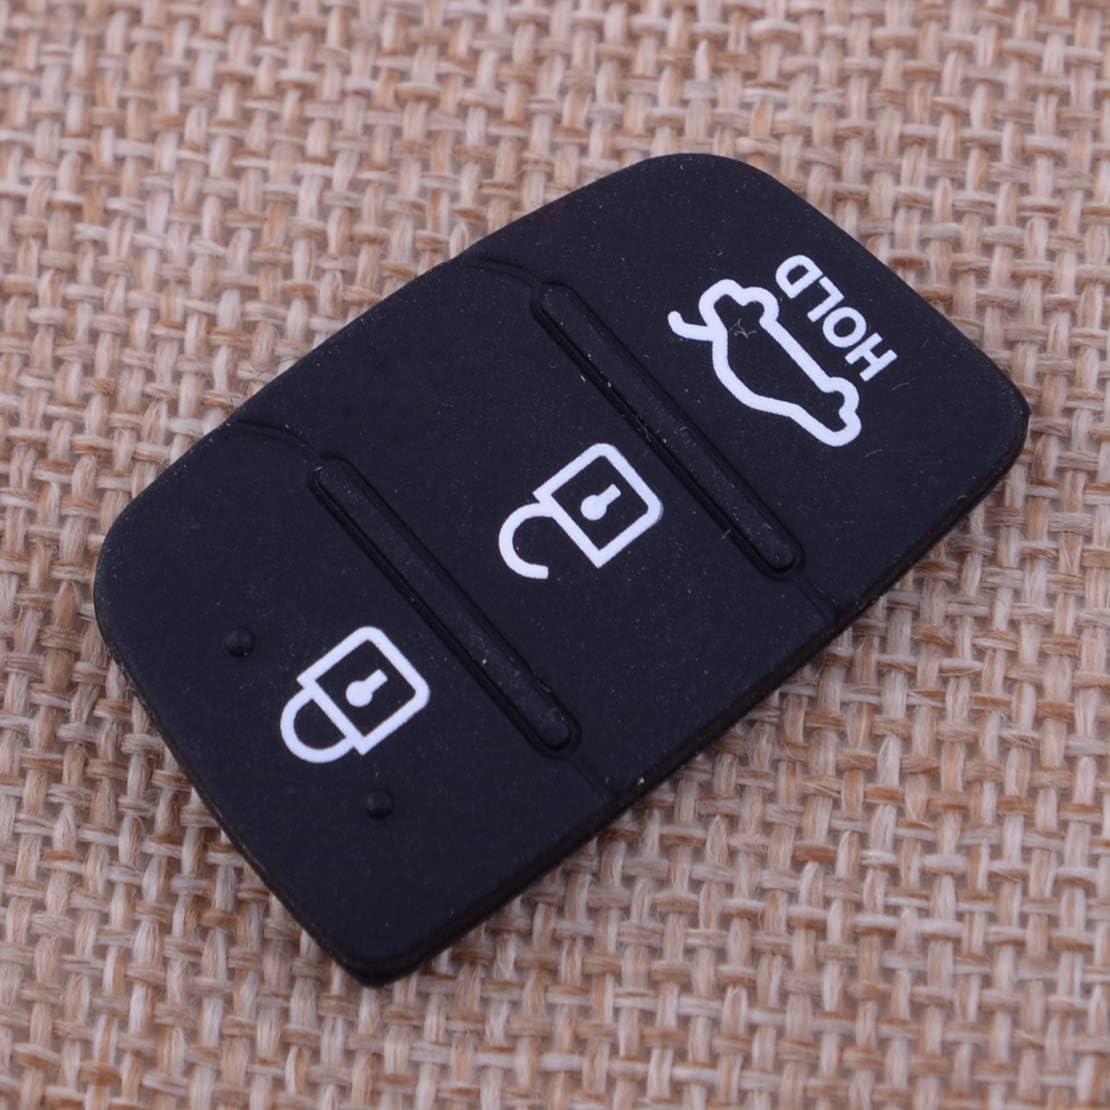 Citall 3 Tasten Silikon Fernbedienung Tastenfeld Schutzkappe Schwarz Auto